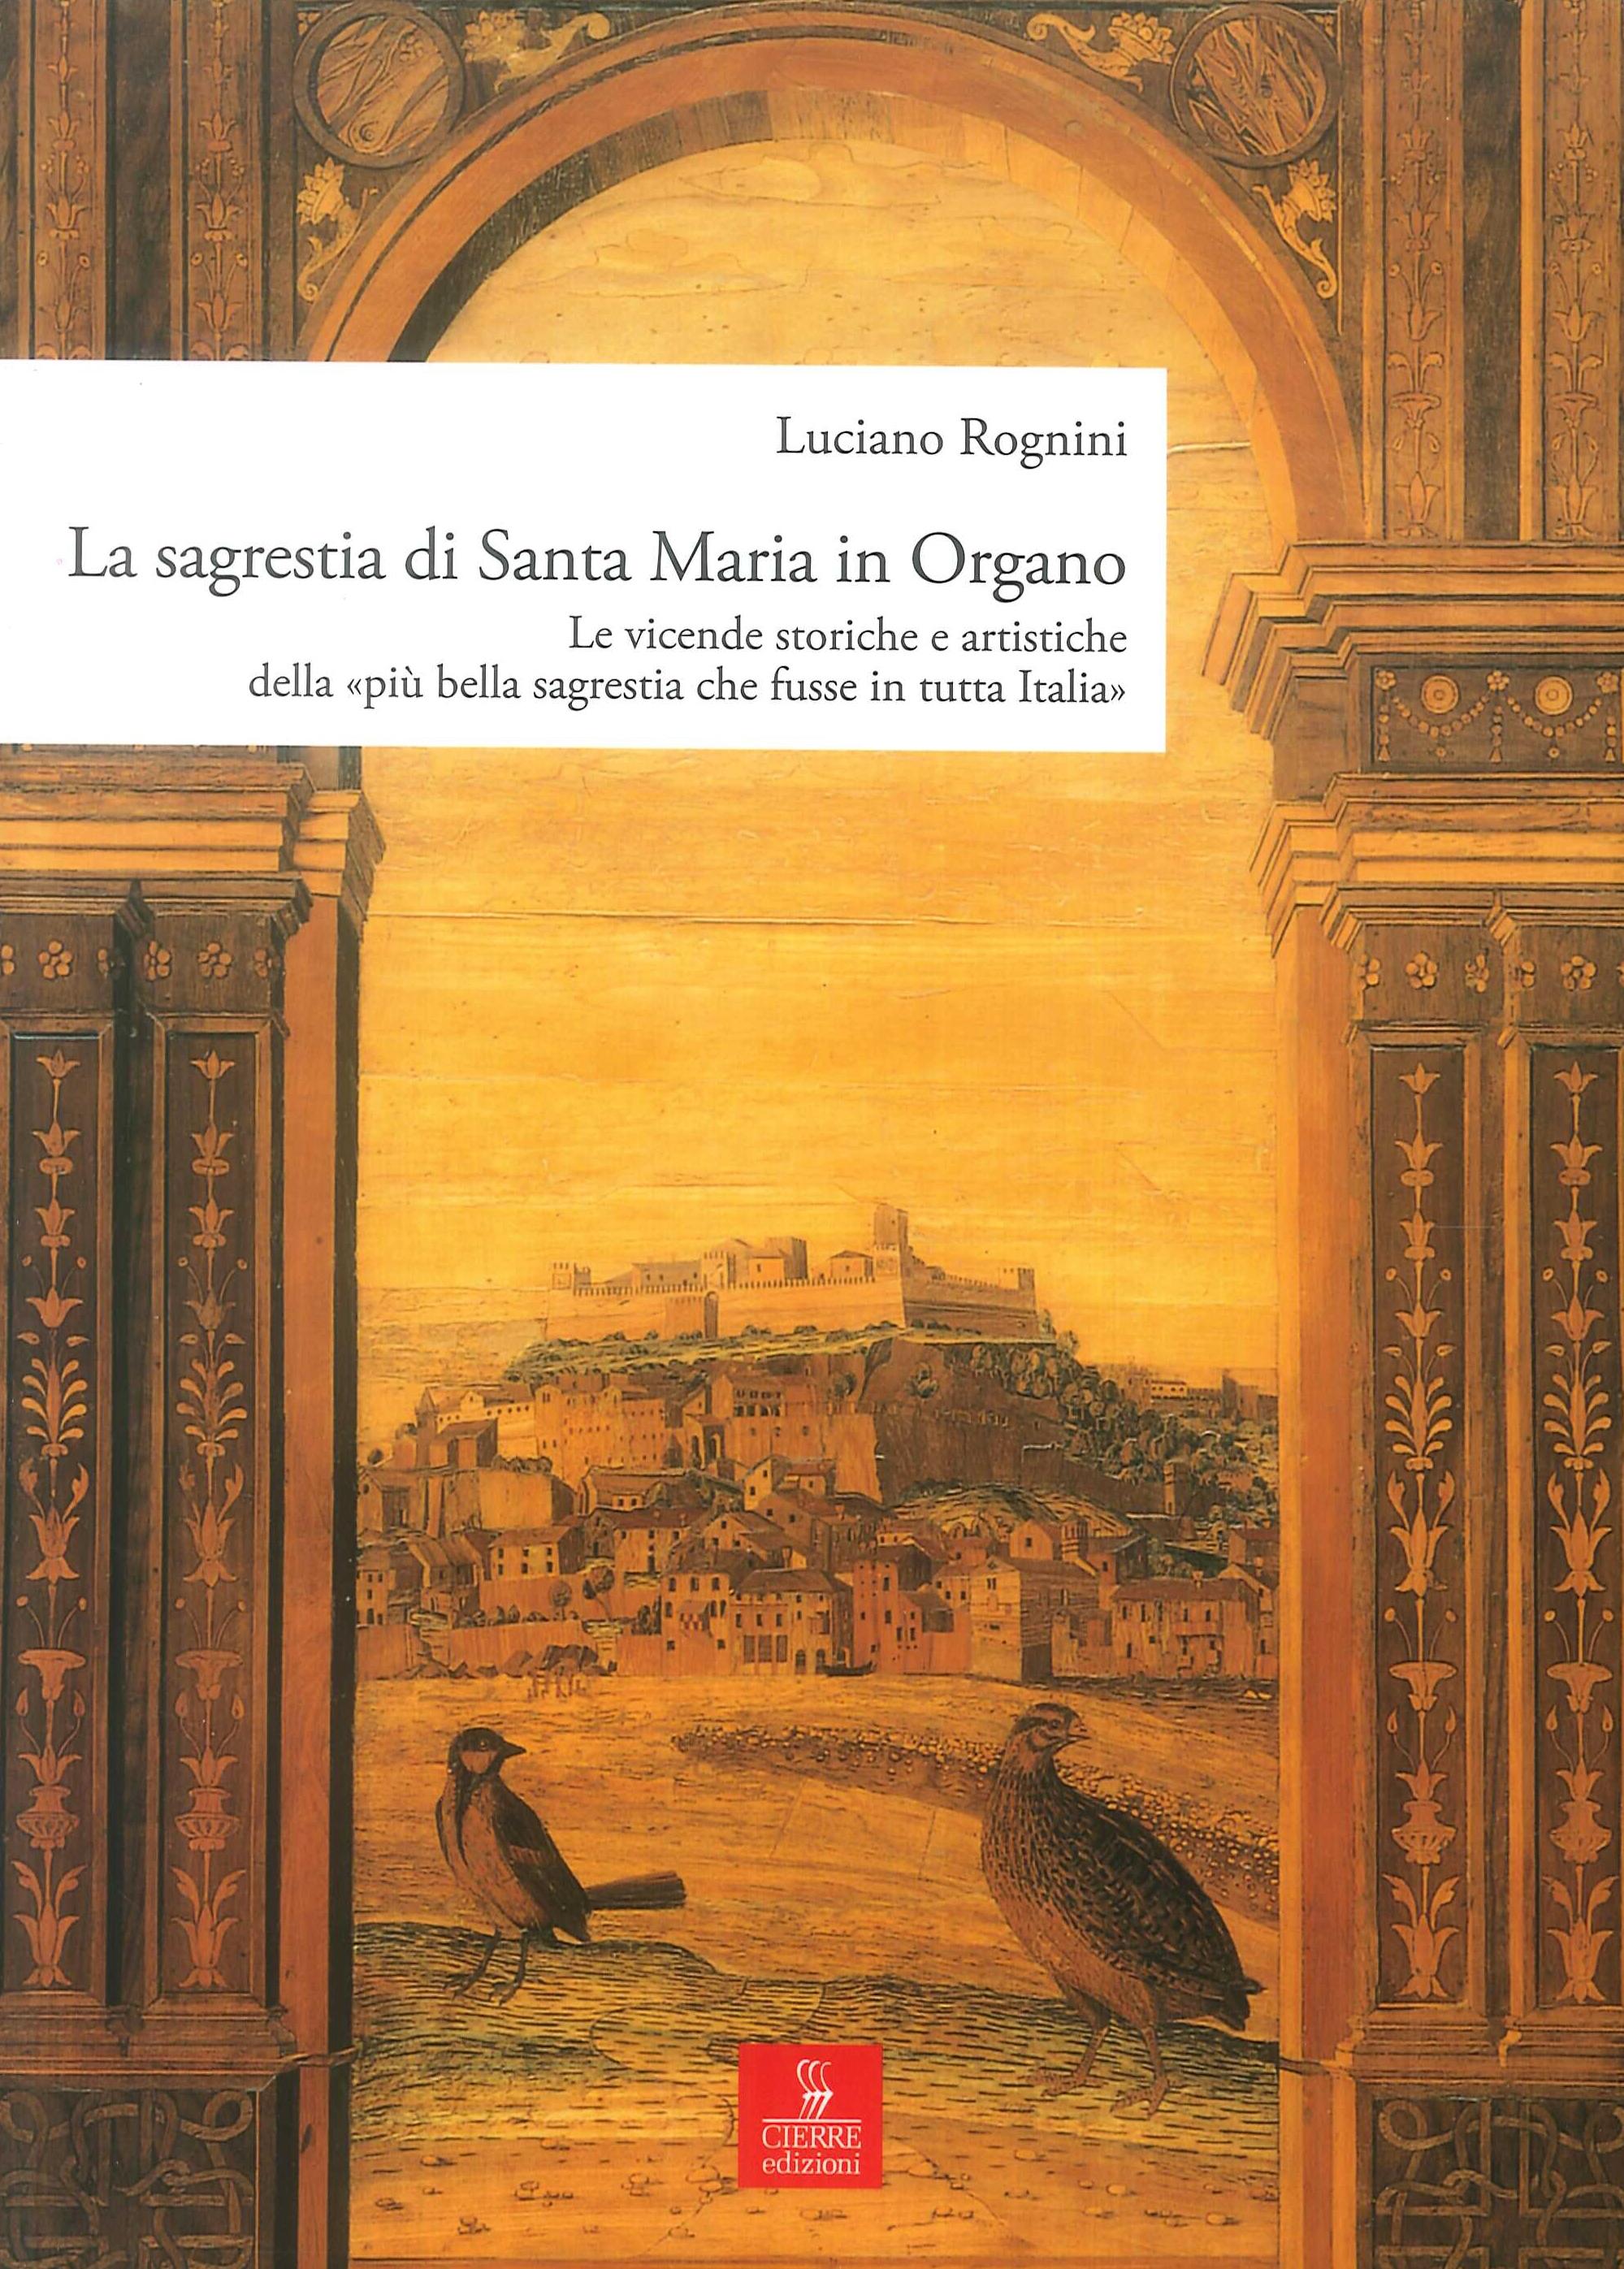 La sagrestia si Santa Maria in Organo. Le vicende storiche e artistiche della